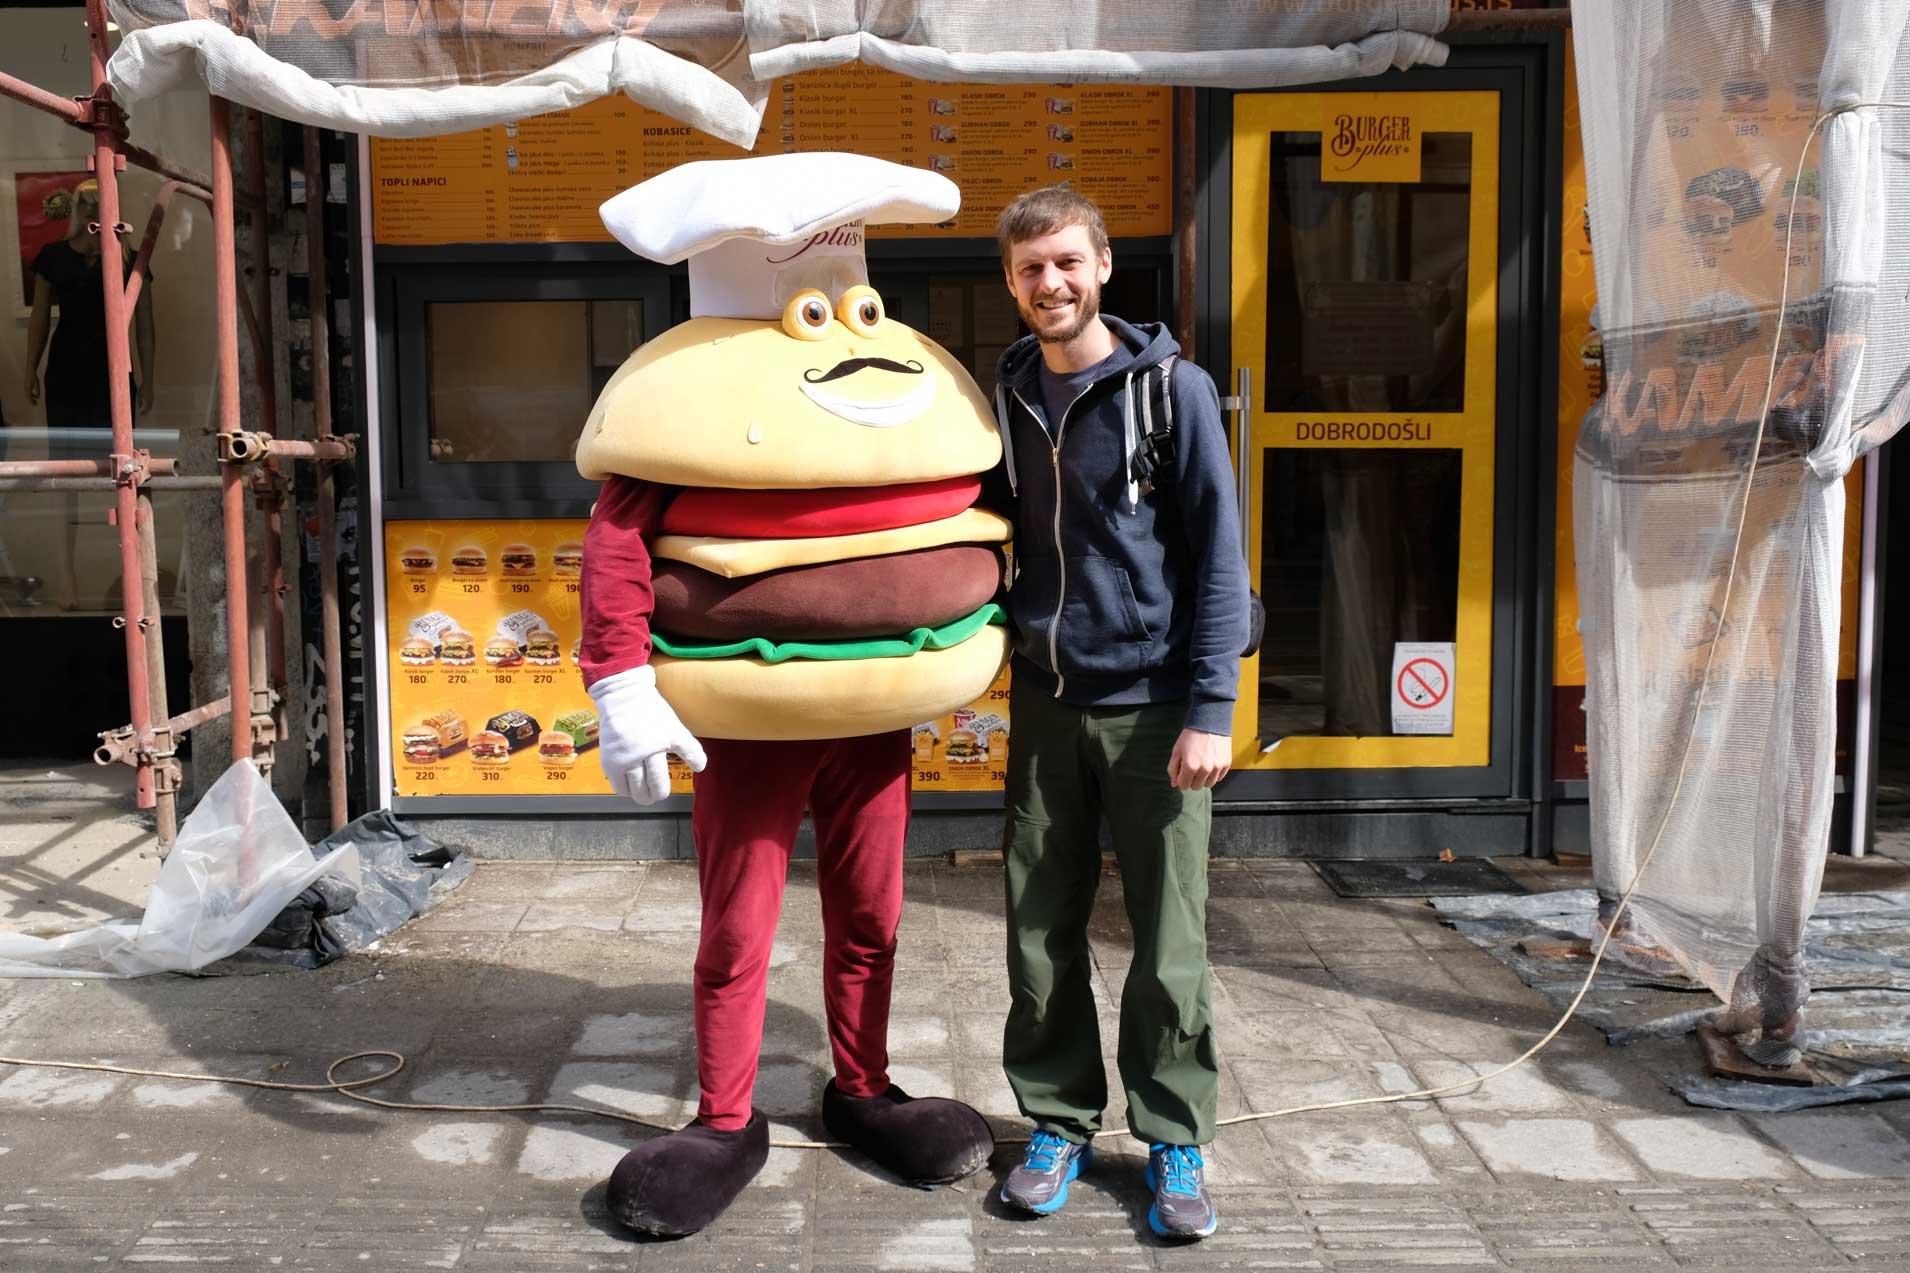 Sebastian neben einem Mann, der als Hamburger verkleidet ist